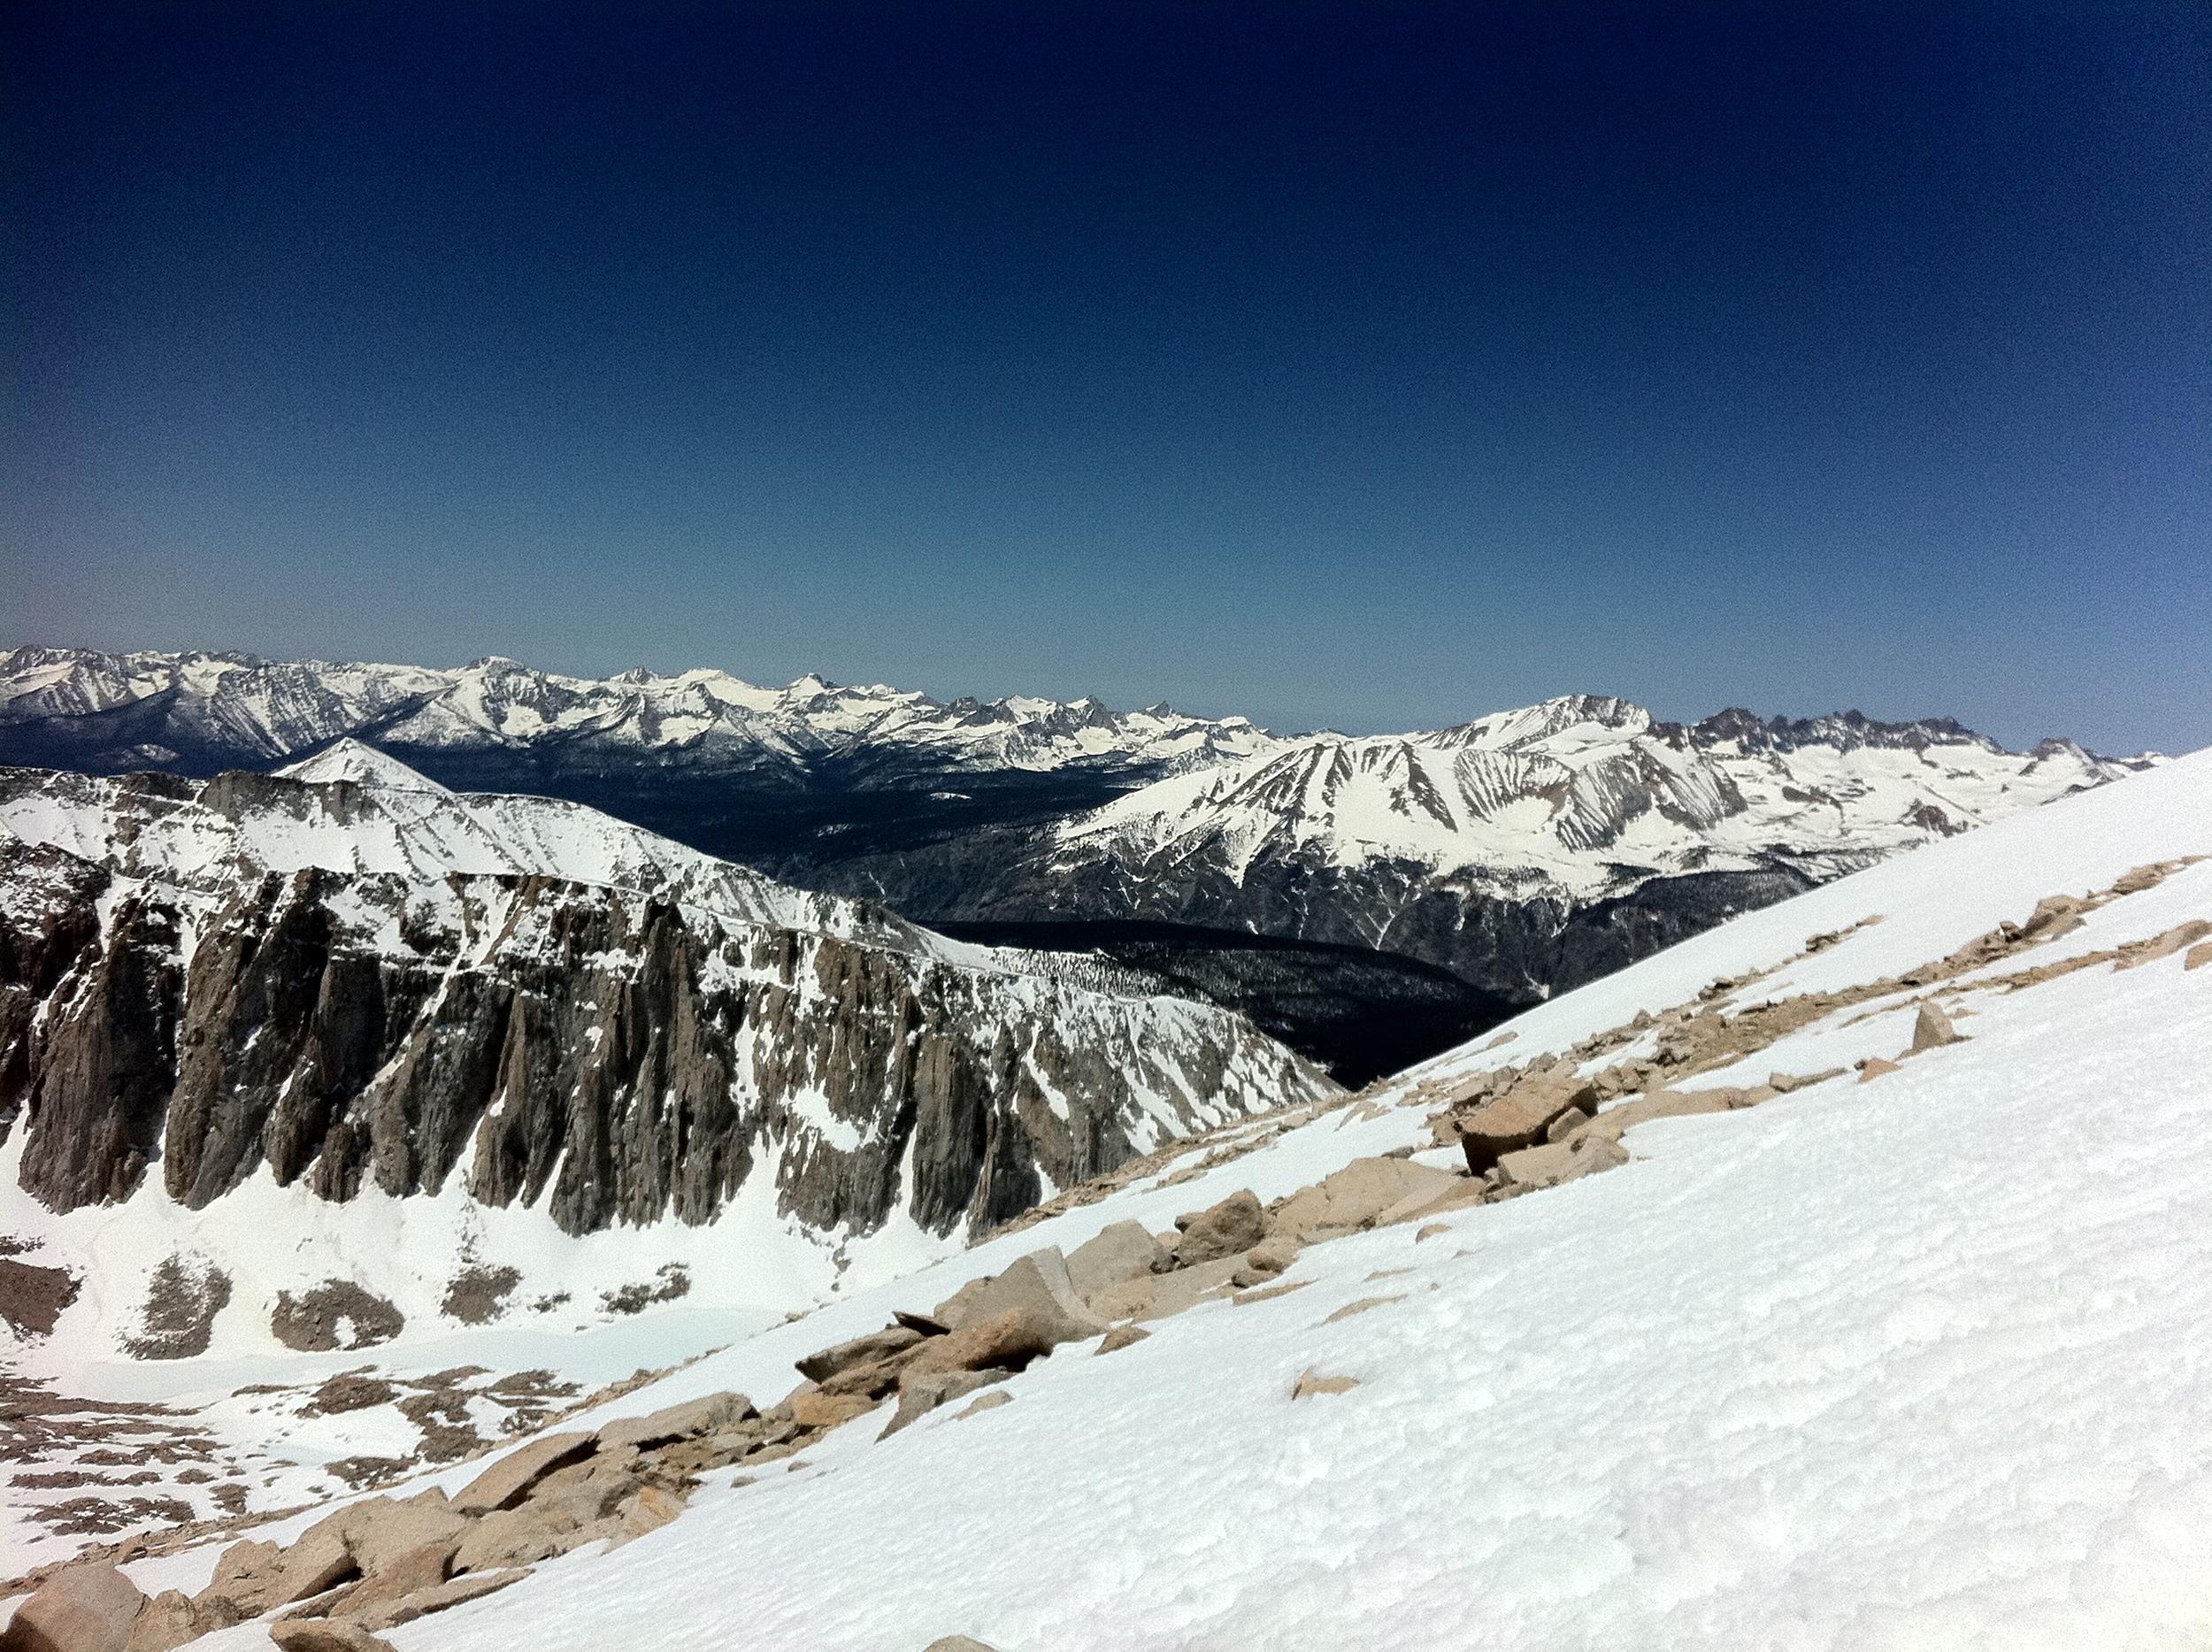 Western Sierra Nevada Mountain Range from Mt. Whitney, June 2011